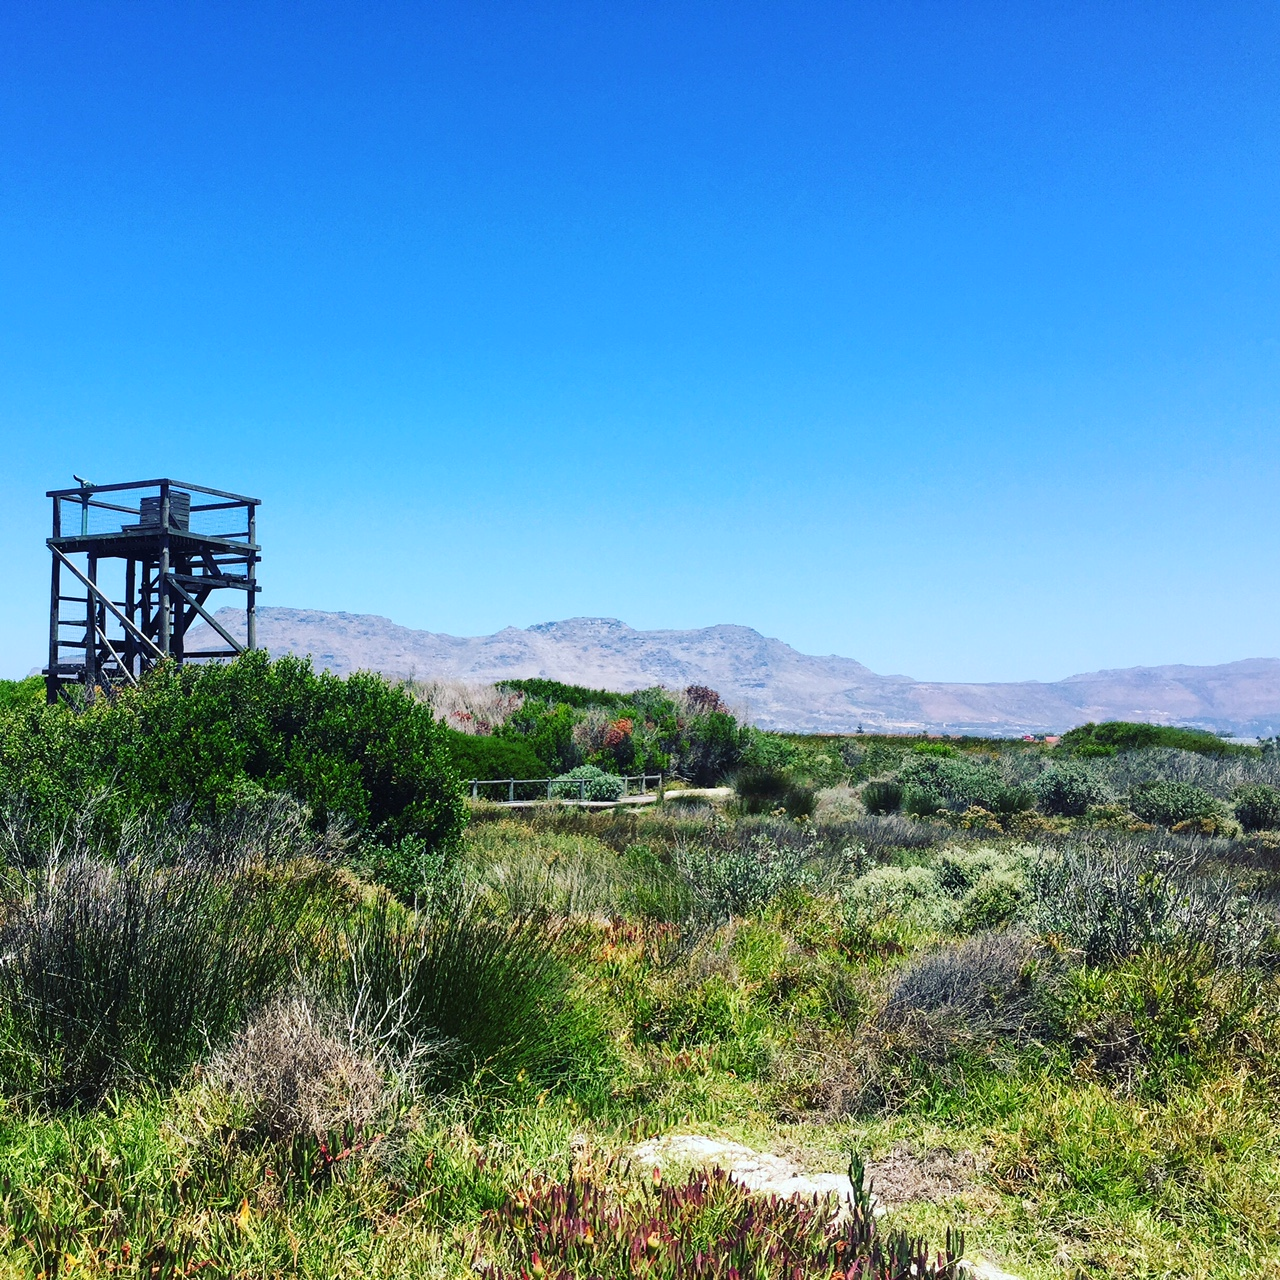 Les jujutr pides d couvrent la rondevlei nature reserve for A porter du regard synonyme